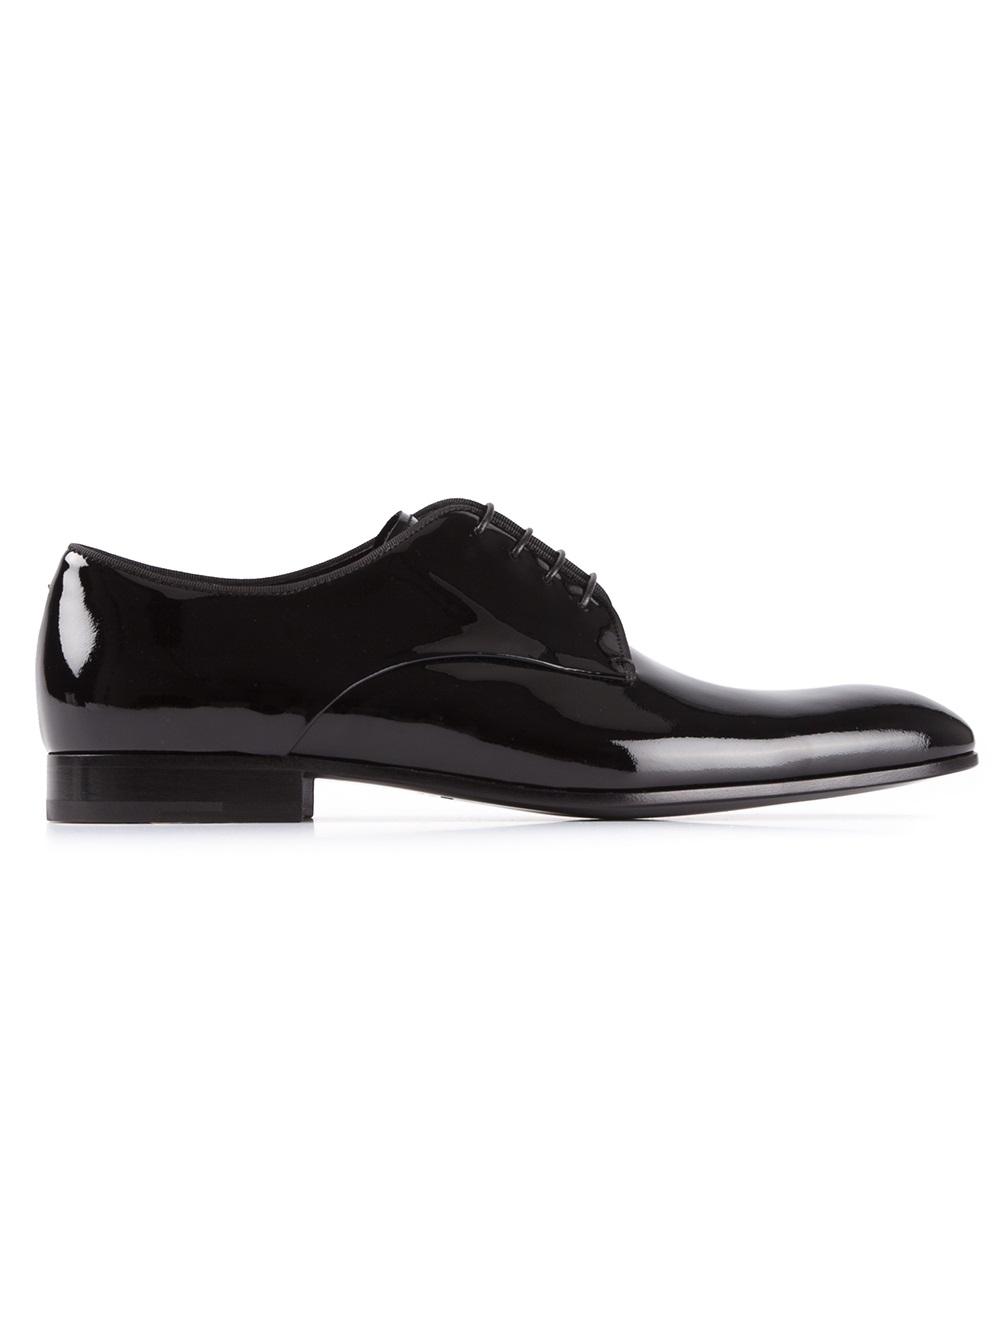 Giorgio armani Dress Shoe in Black for Men | Lyst